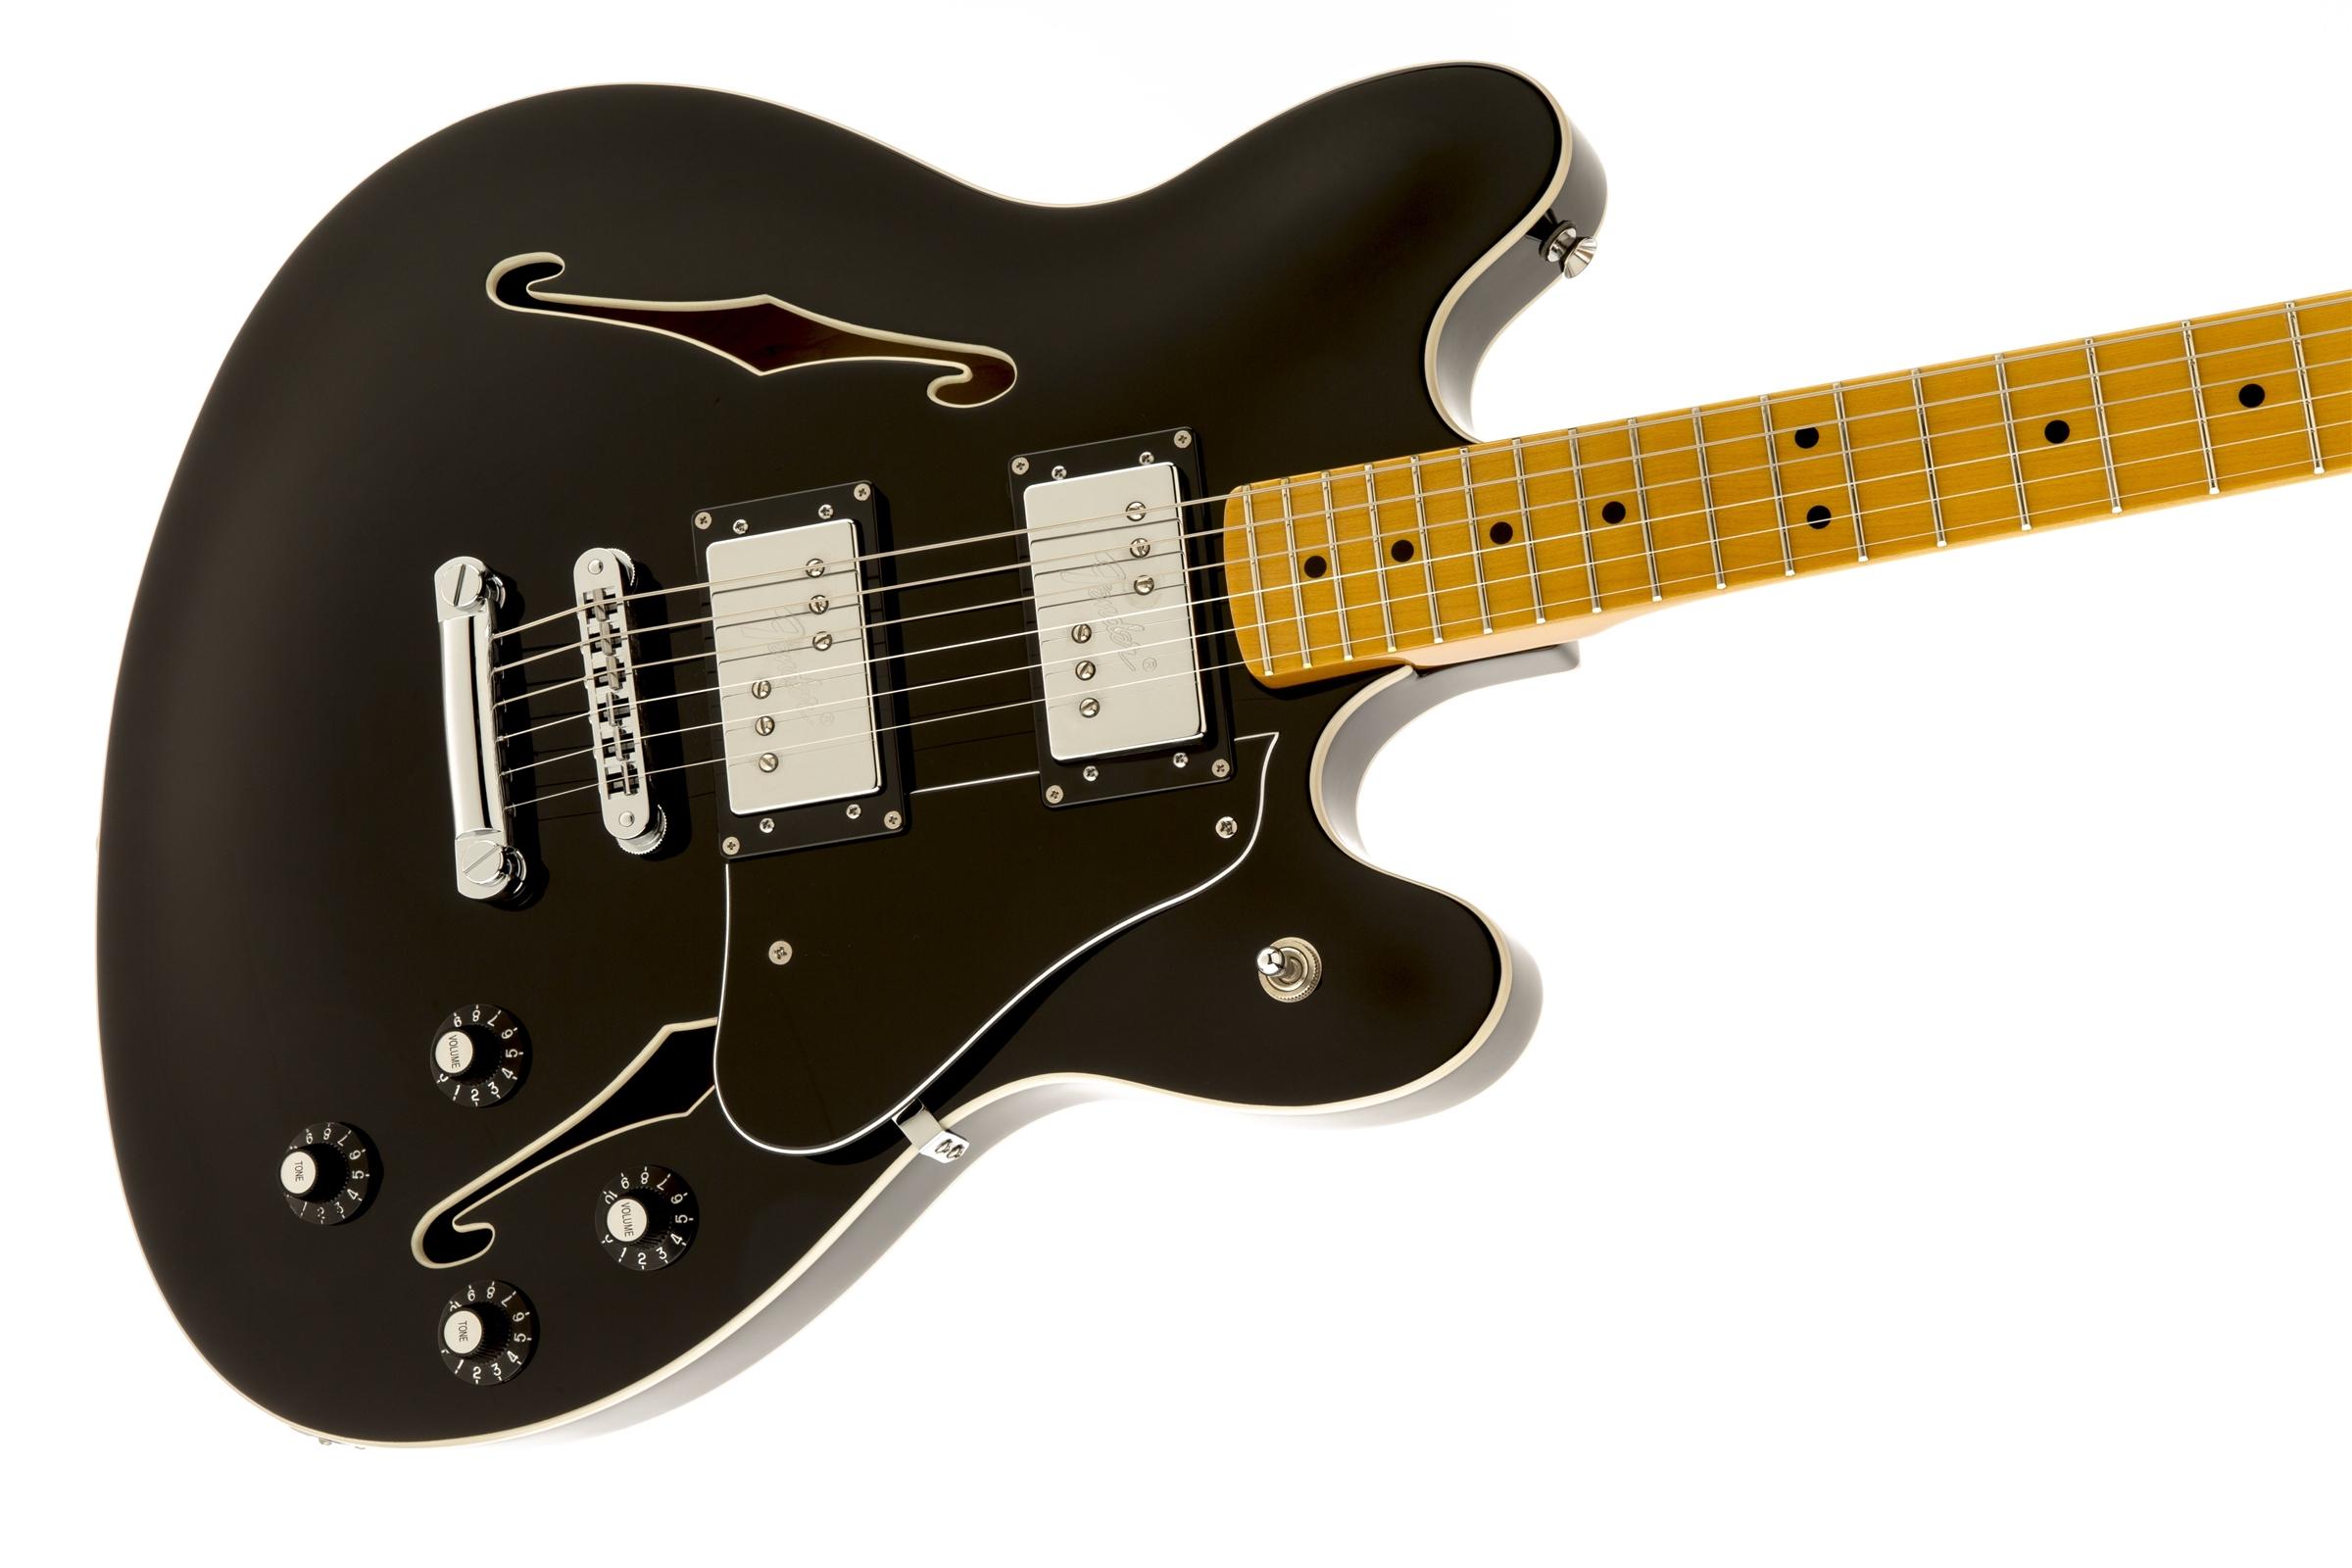 squier starcaster pack owners manual online user manual u2022 rh pandadigital co Fender Squier Bullet Fender Squier Blue